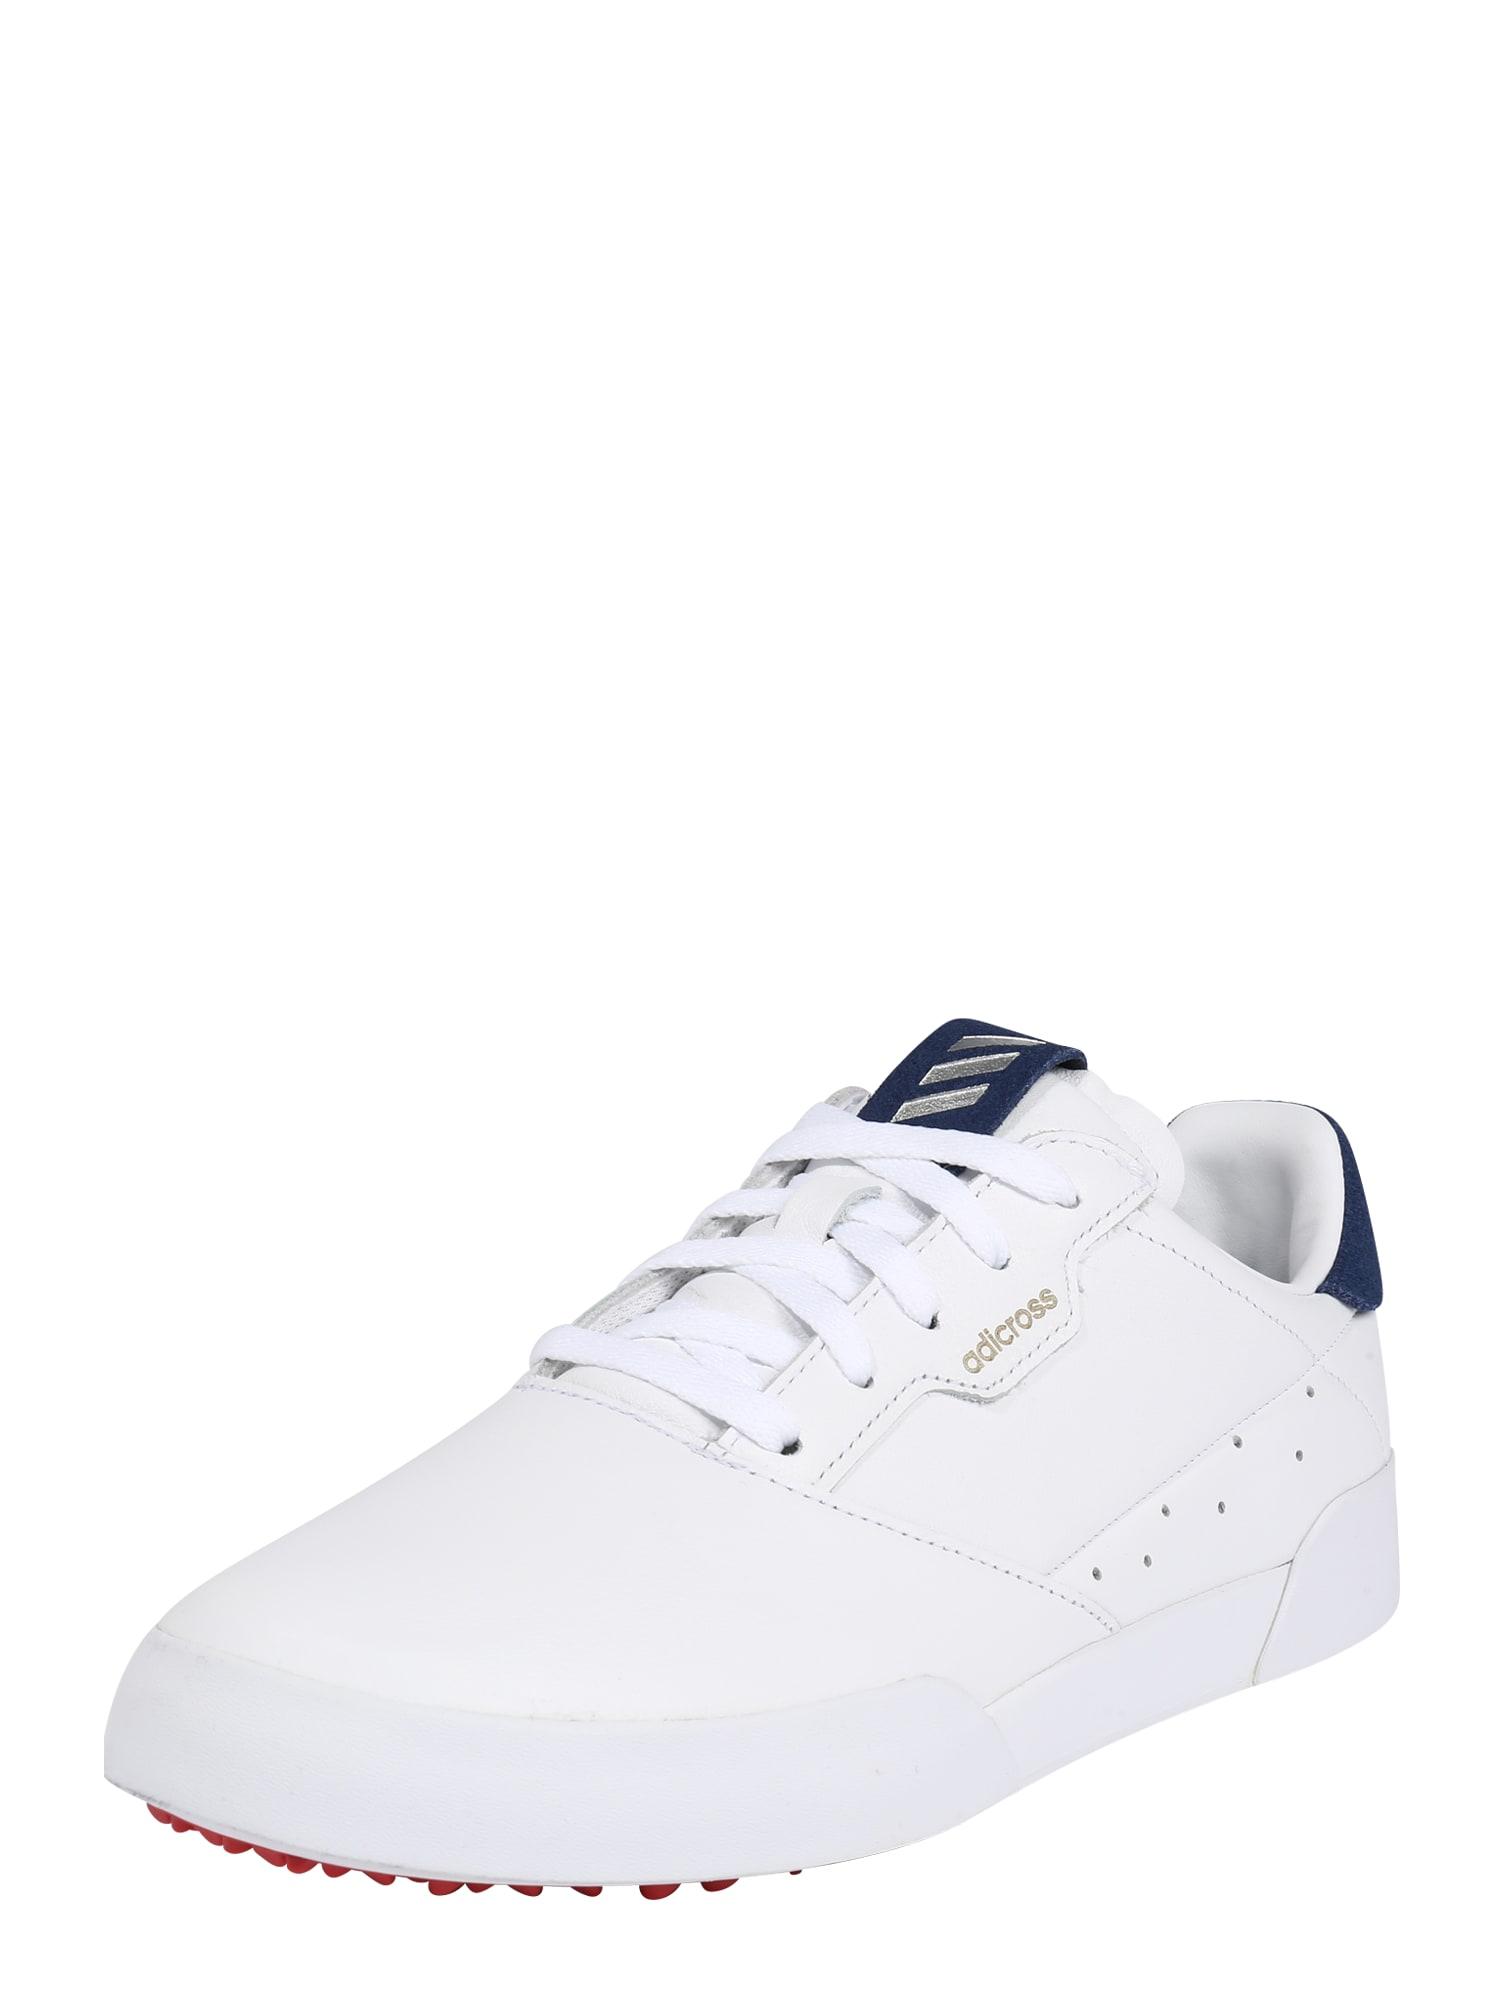 adidas Golf Sportovní boty 'RETRO'  stříbrná / bílá / námořnická modř